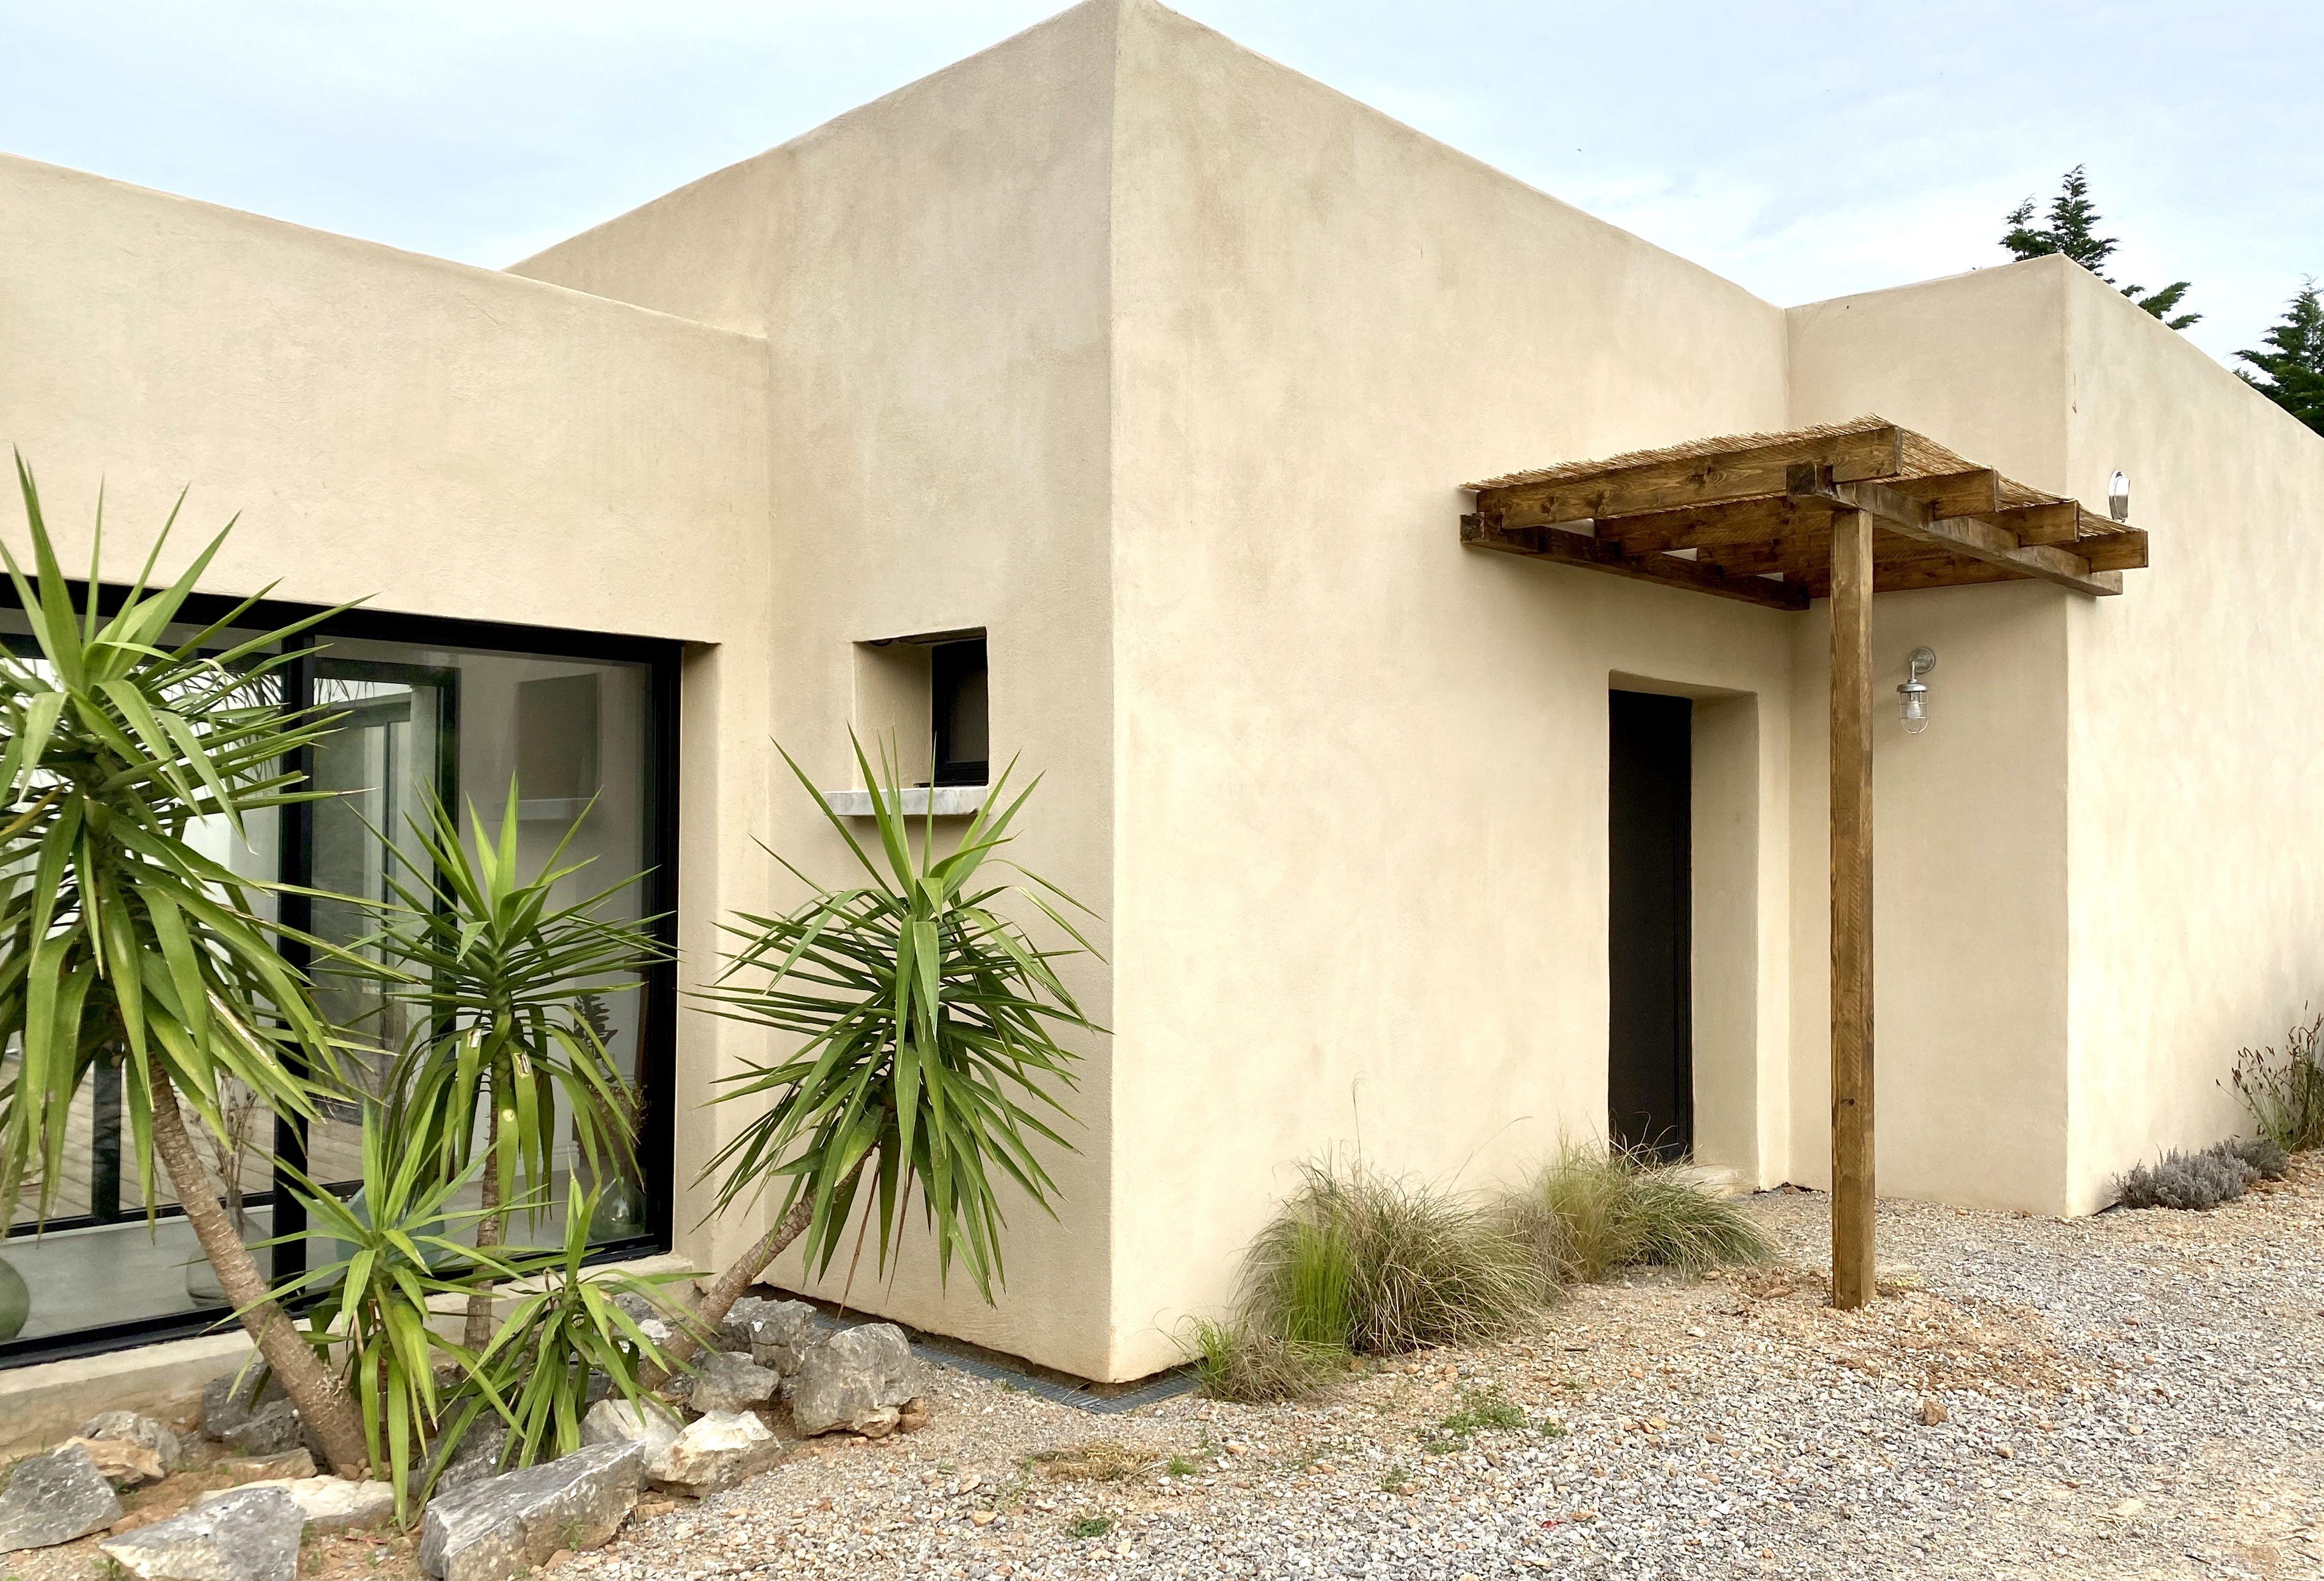 Maison toit plat beige bois en 10  Maison toit plat, Toit plat